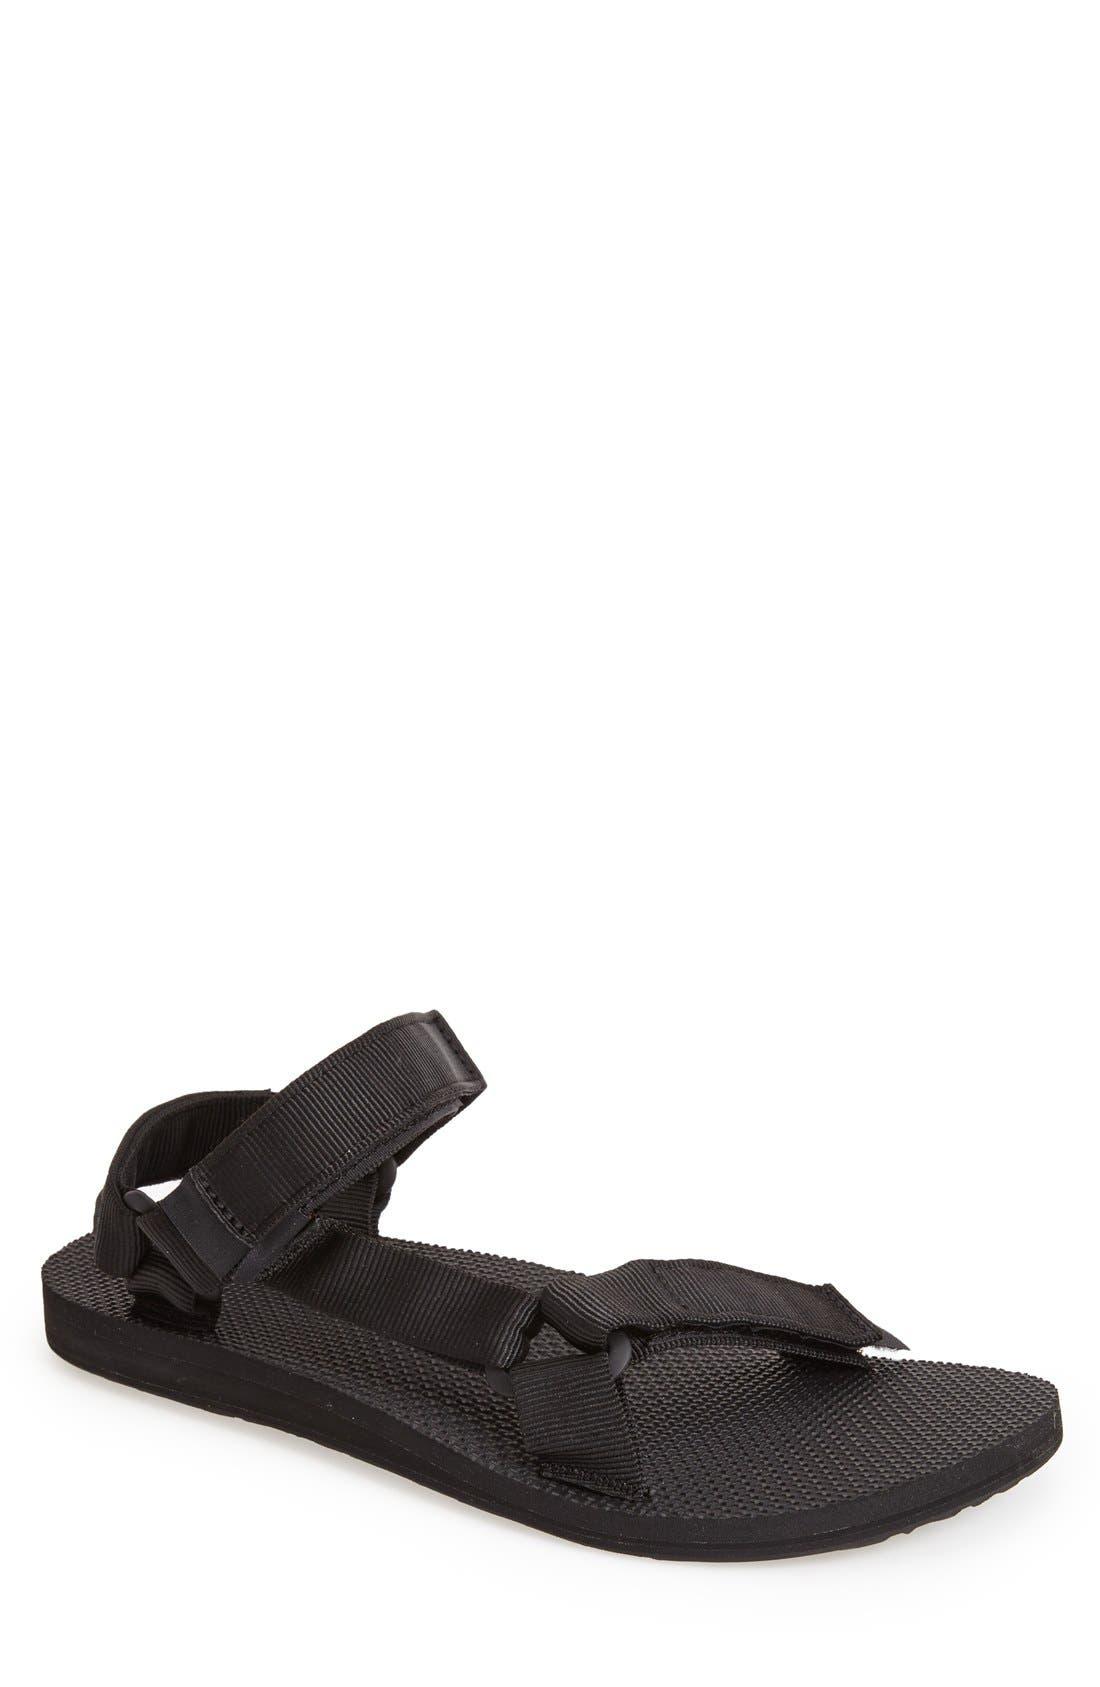 TEVA 'Original Universal Urban' Sandal, Main, color, BLACK